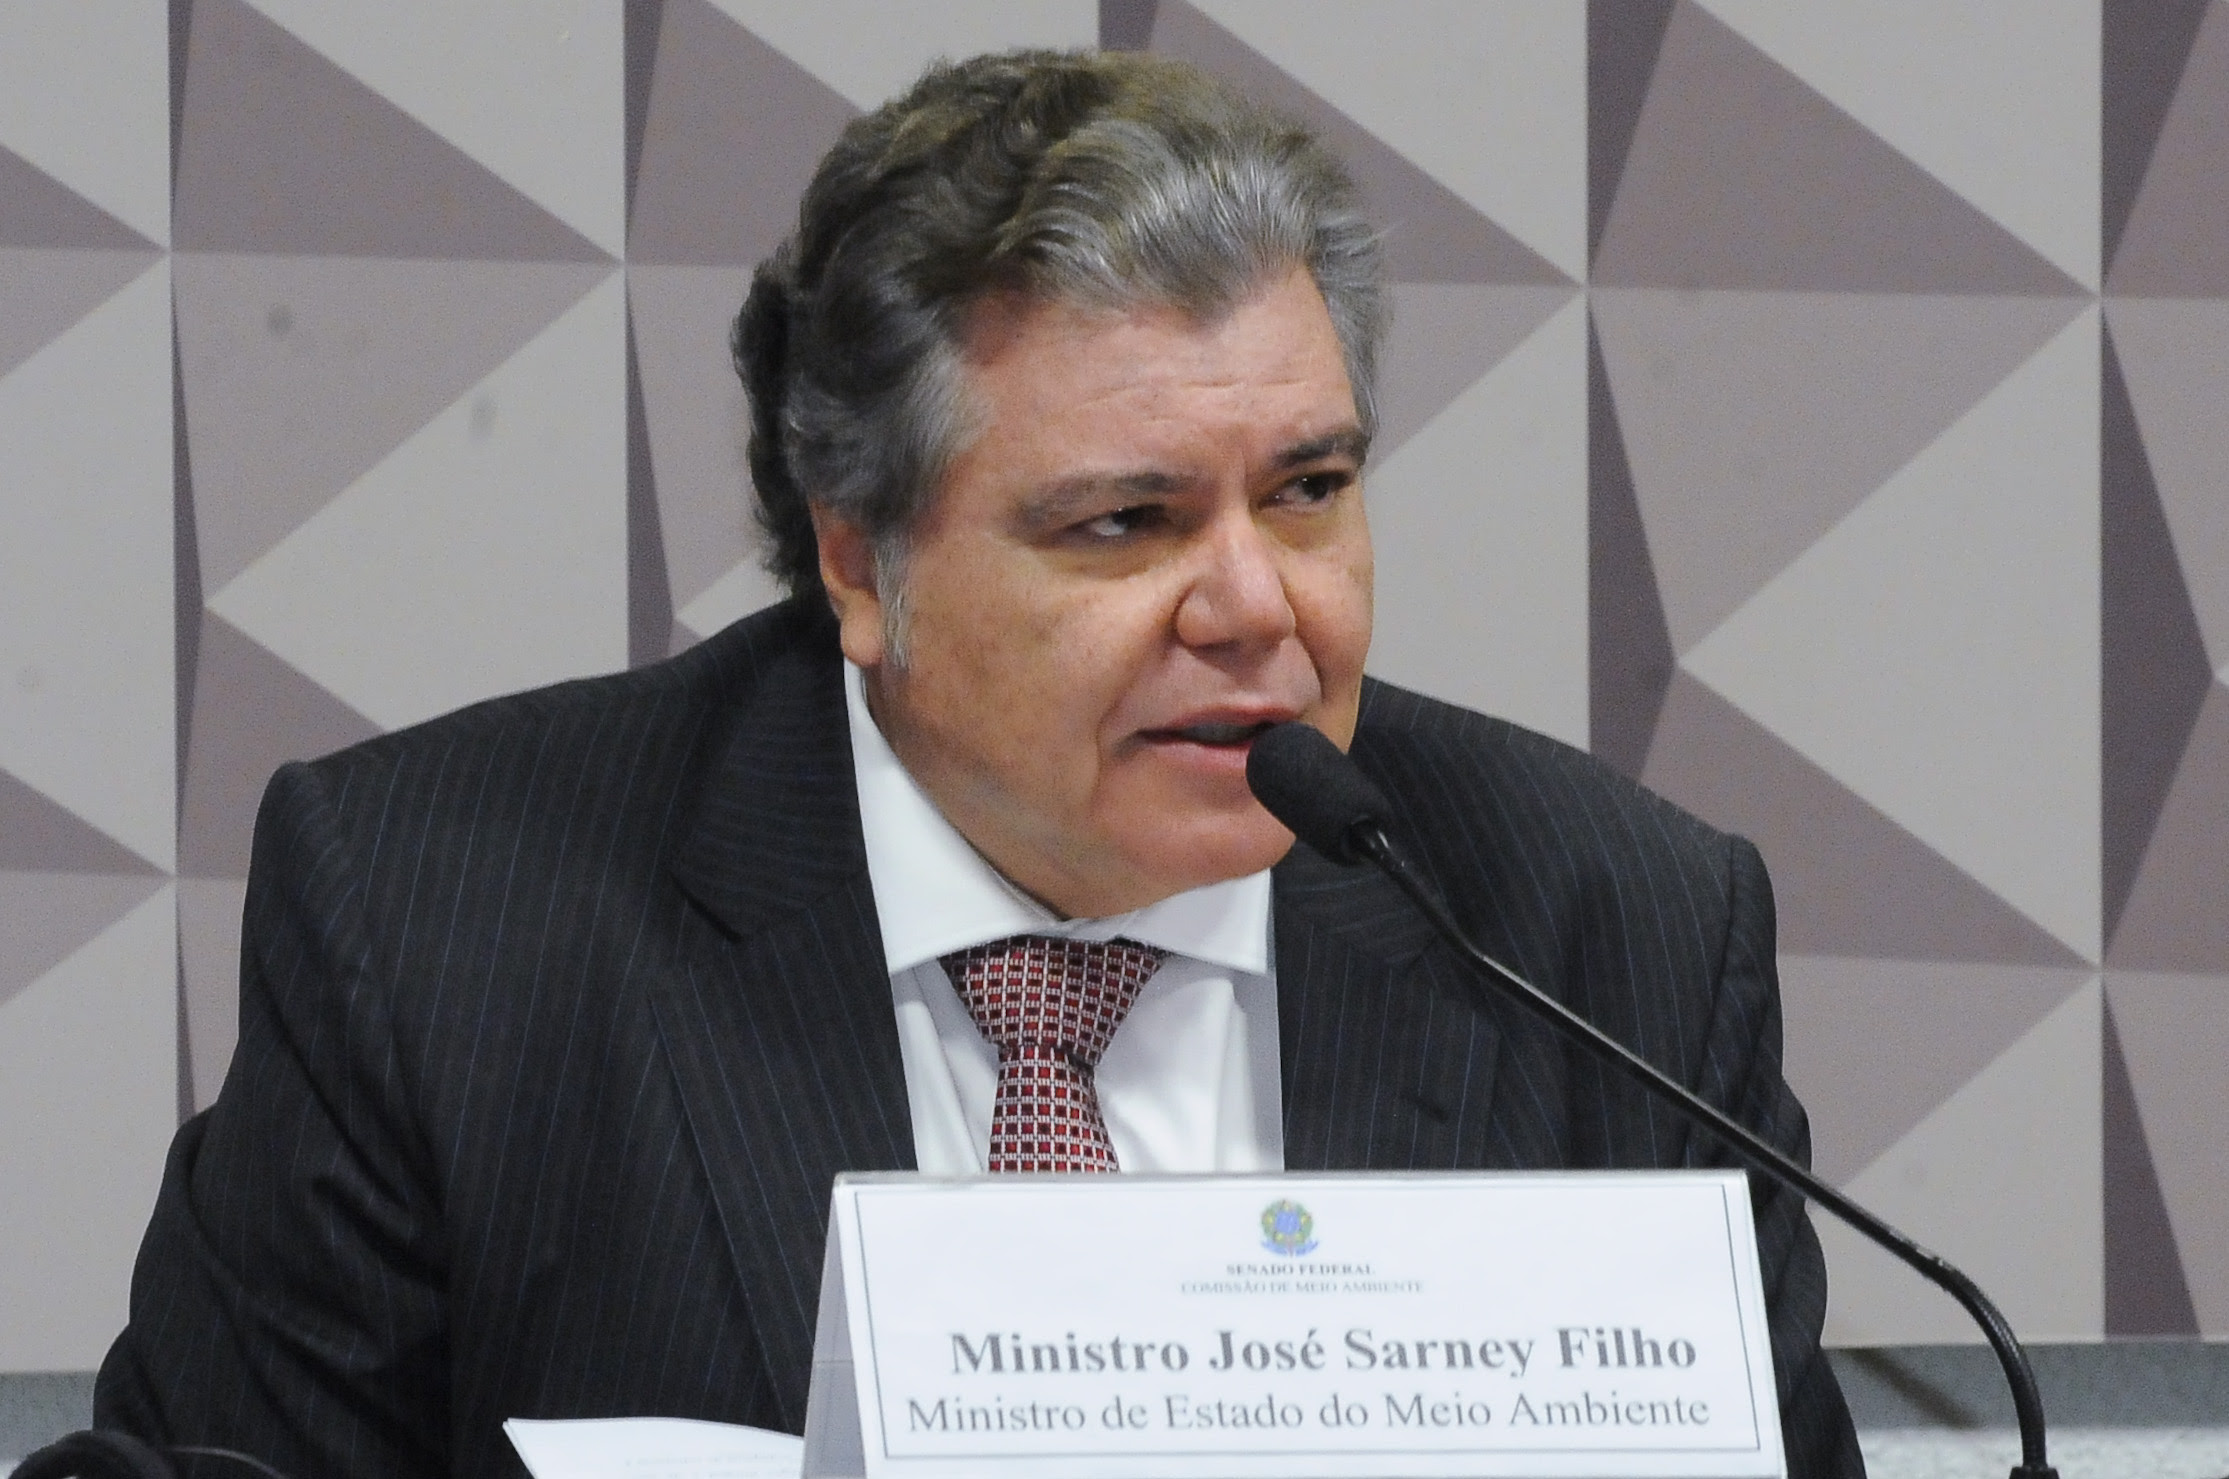 Ministro do Meio Ambiente, Sarney Filho, recomenda veto às Medidas Provisórias 756 e 758. Foto: Waldemir Barreto/Agência Senado.